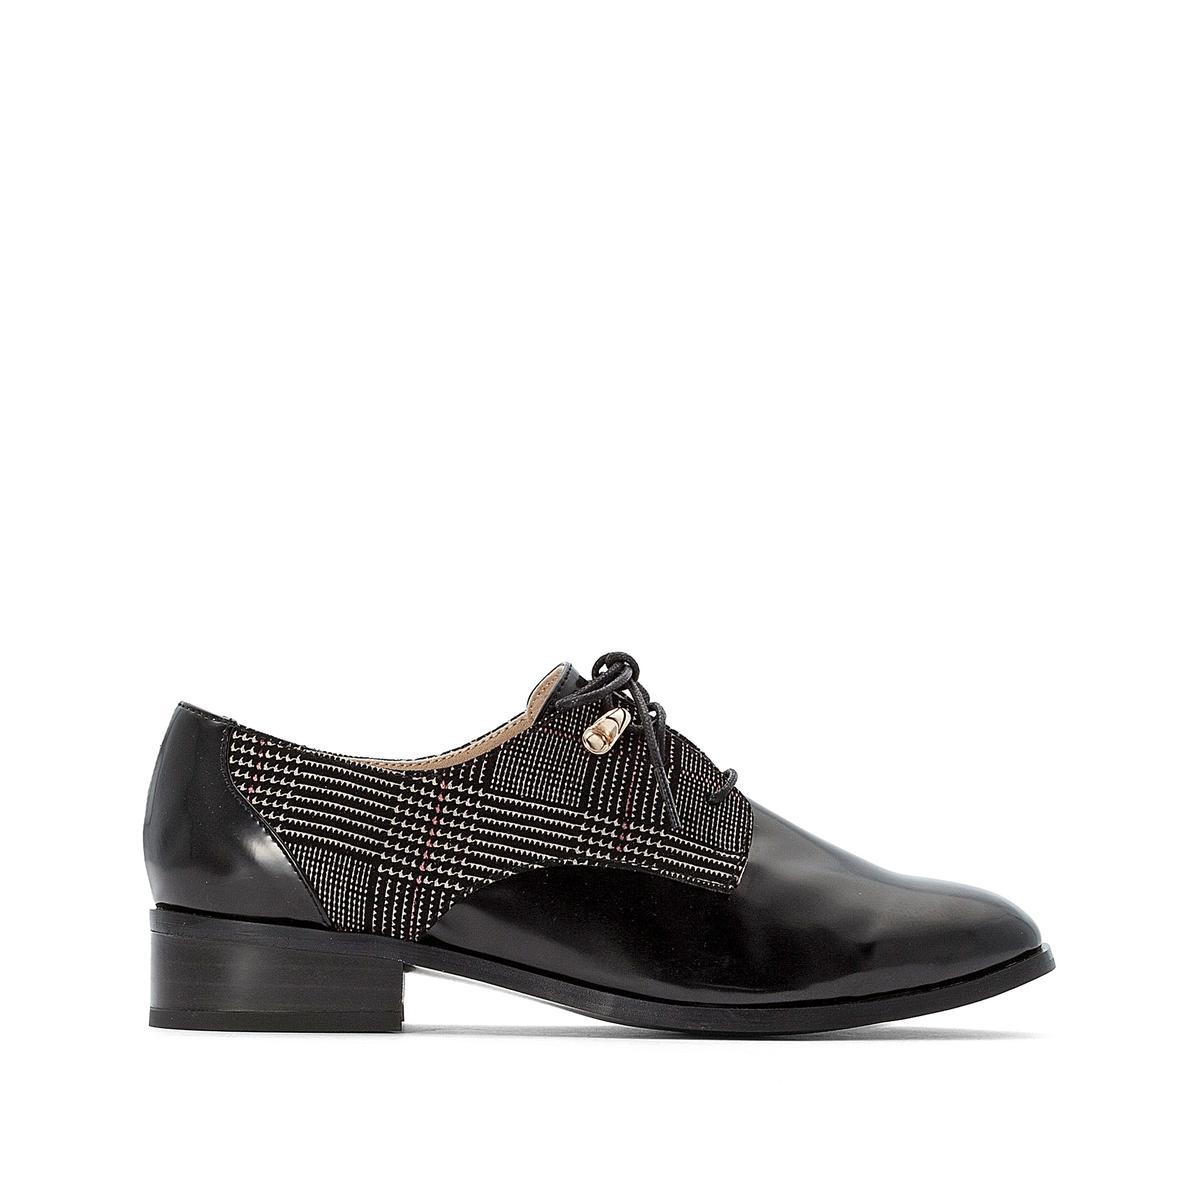 цена Ботинки-дерби La Redoute Двухцветные на шнуровке 36 черный онлайн в 2017 году